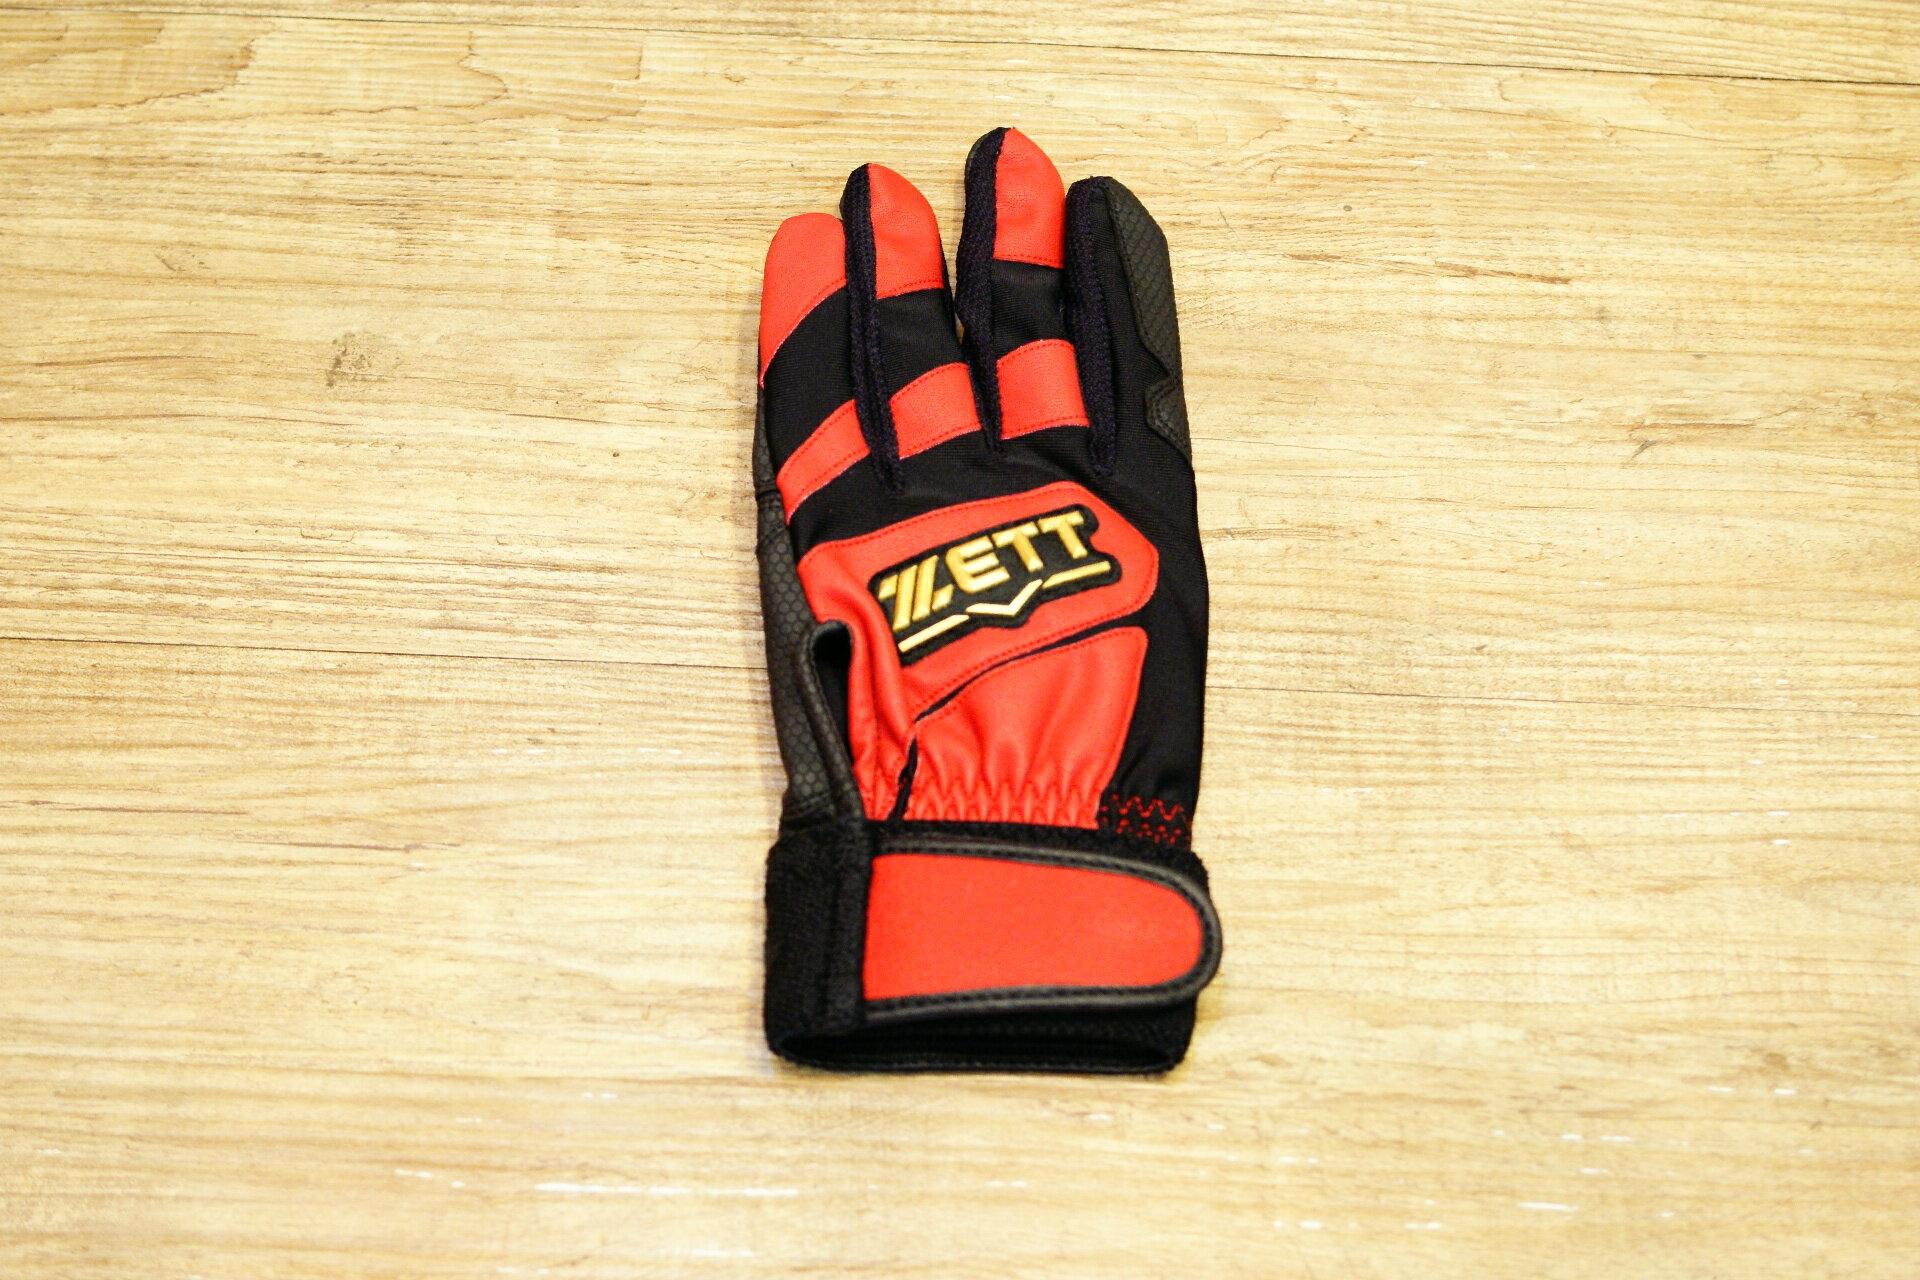 棒球世界 全新 ZETT新本壘版標兒童少年 打擊手套 特價 紅色 國小適用